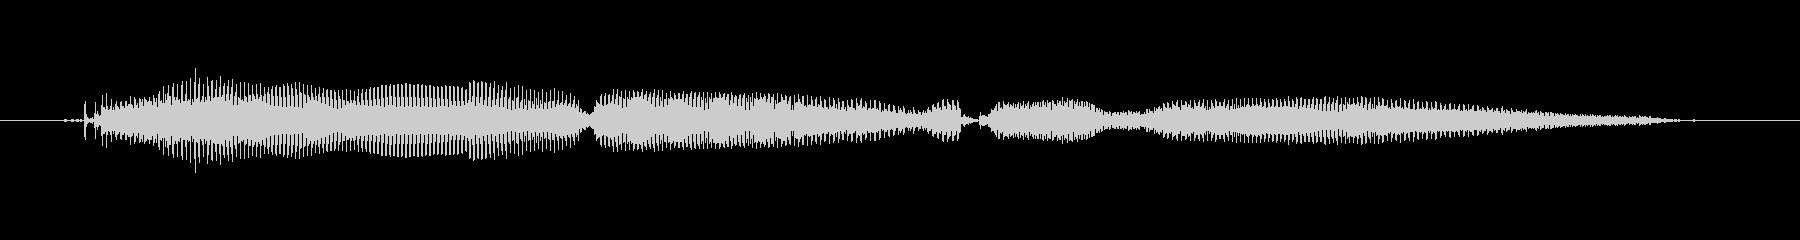 鳴き声 女性トークエルフィッシュ01の未再生の波形